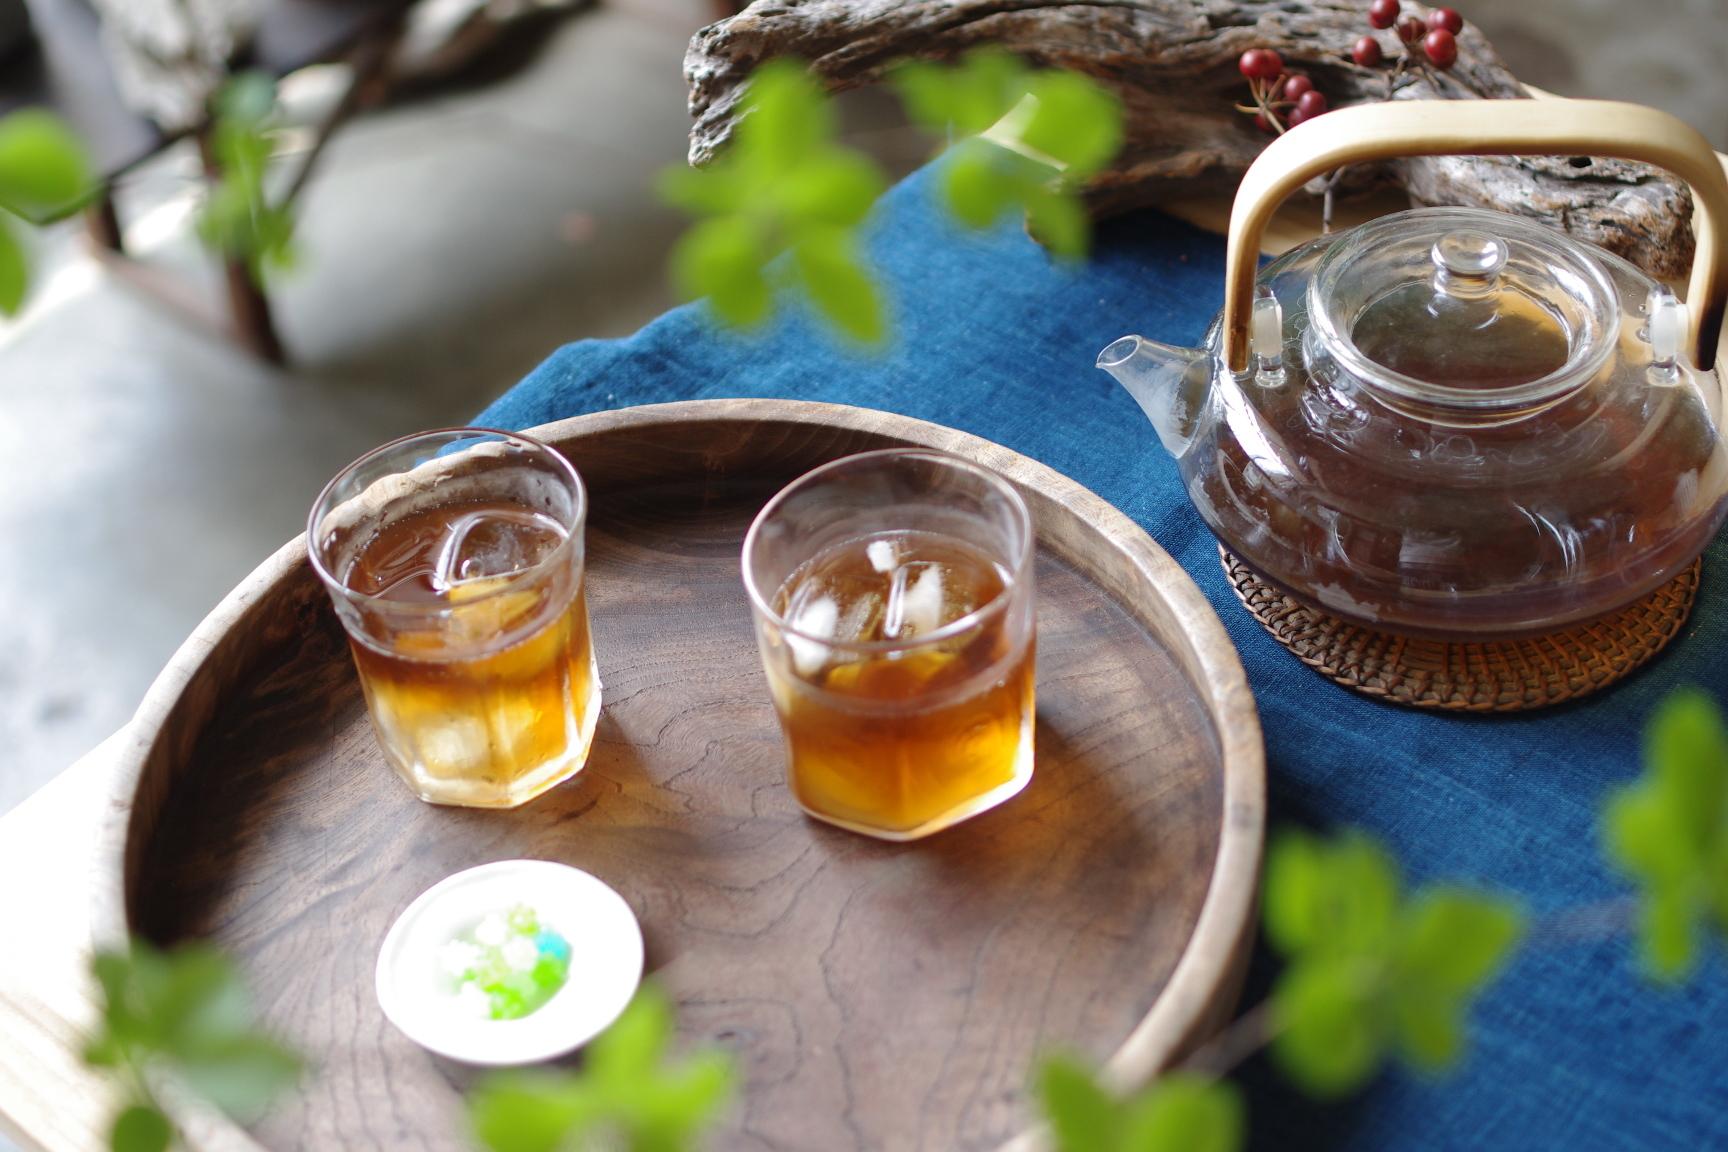 お湯だし麦茶の美味しい作り方とは?ポイントを押さえ簡単麦茶作りの方法をご紹介